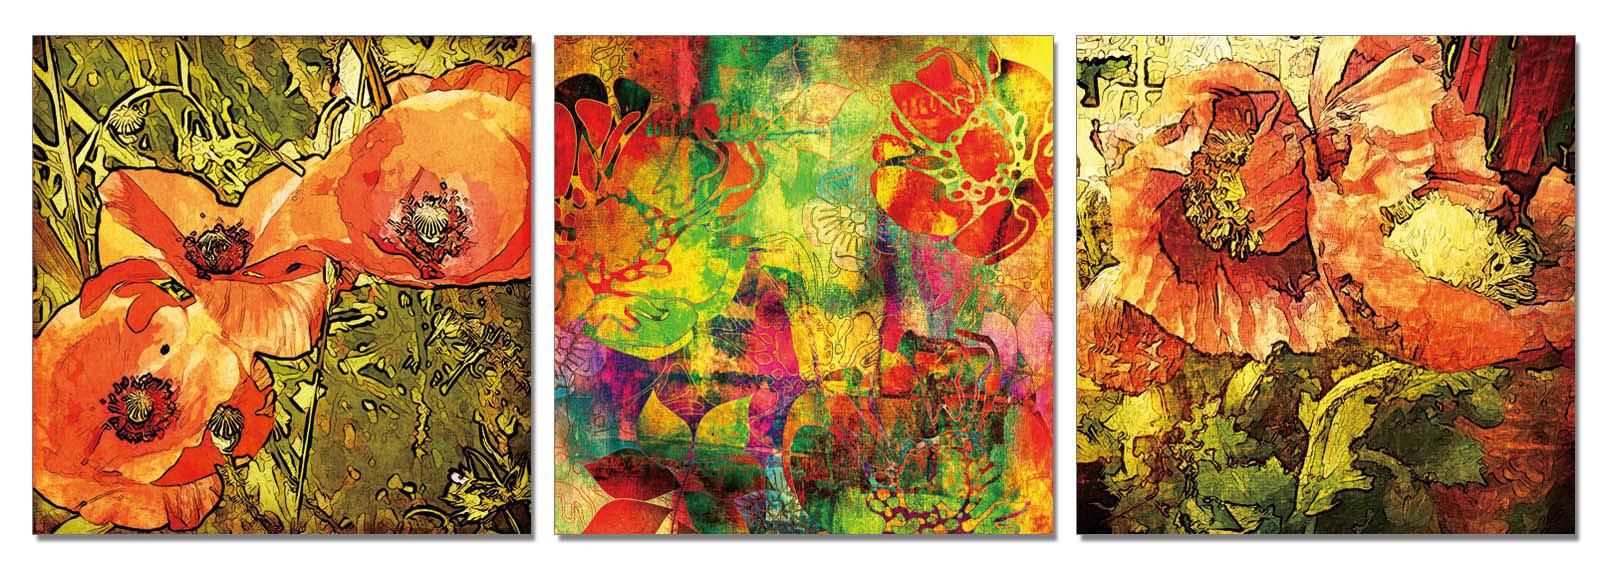 聚鯨Cetacea﹡Art【花樣TB-5086ABC印製畫】無框畫 裝飾畫 居家裝飾 商業空間